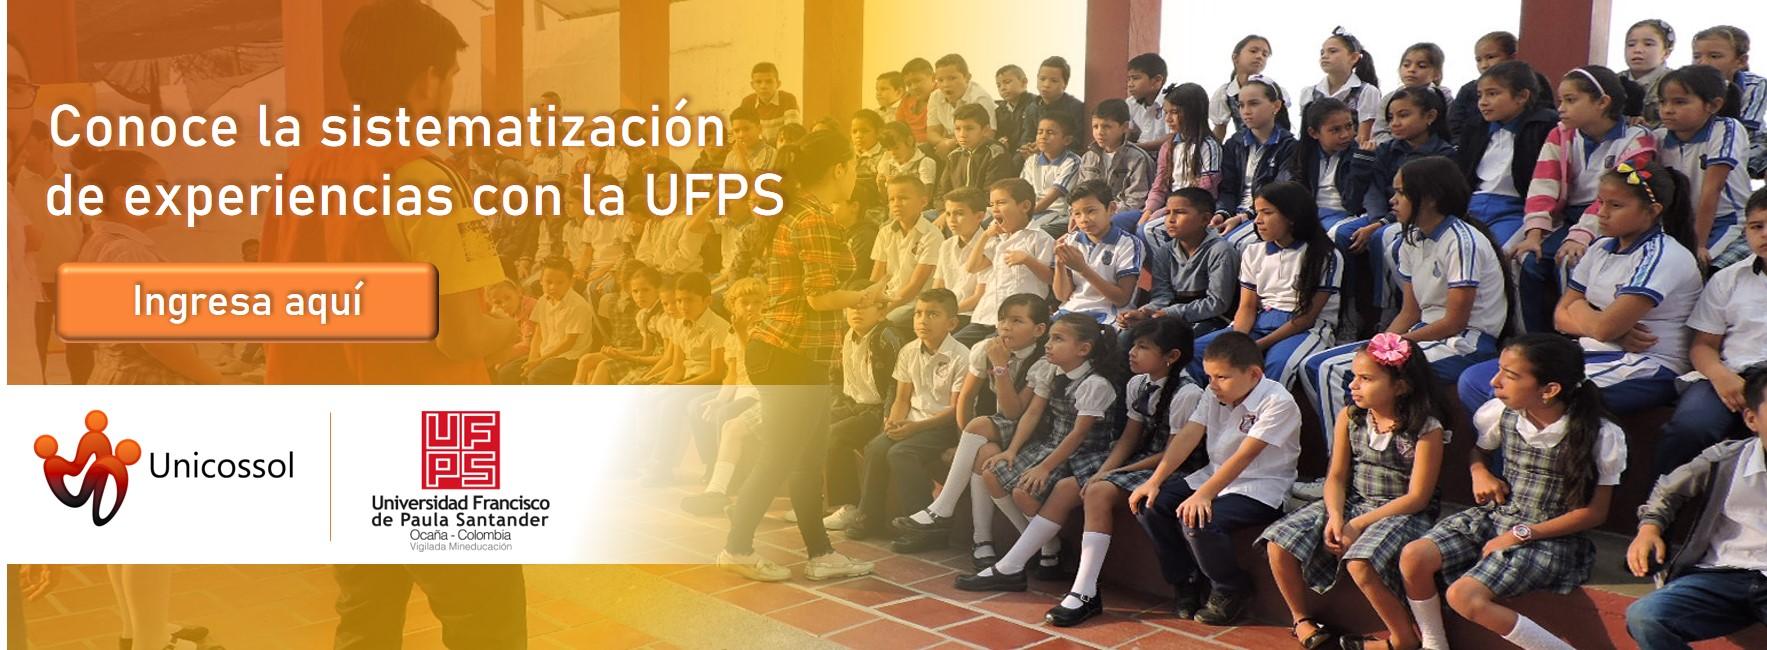 Sistematización experiencia UFPS